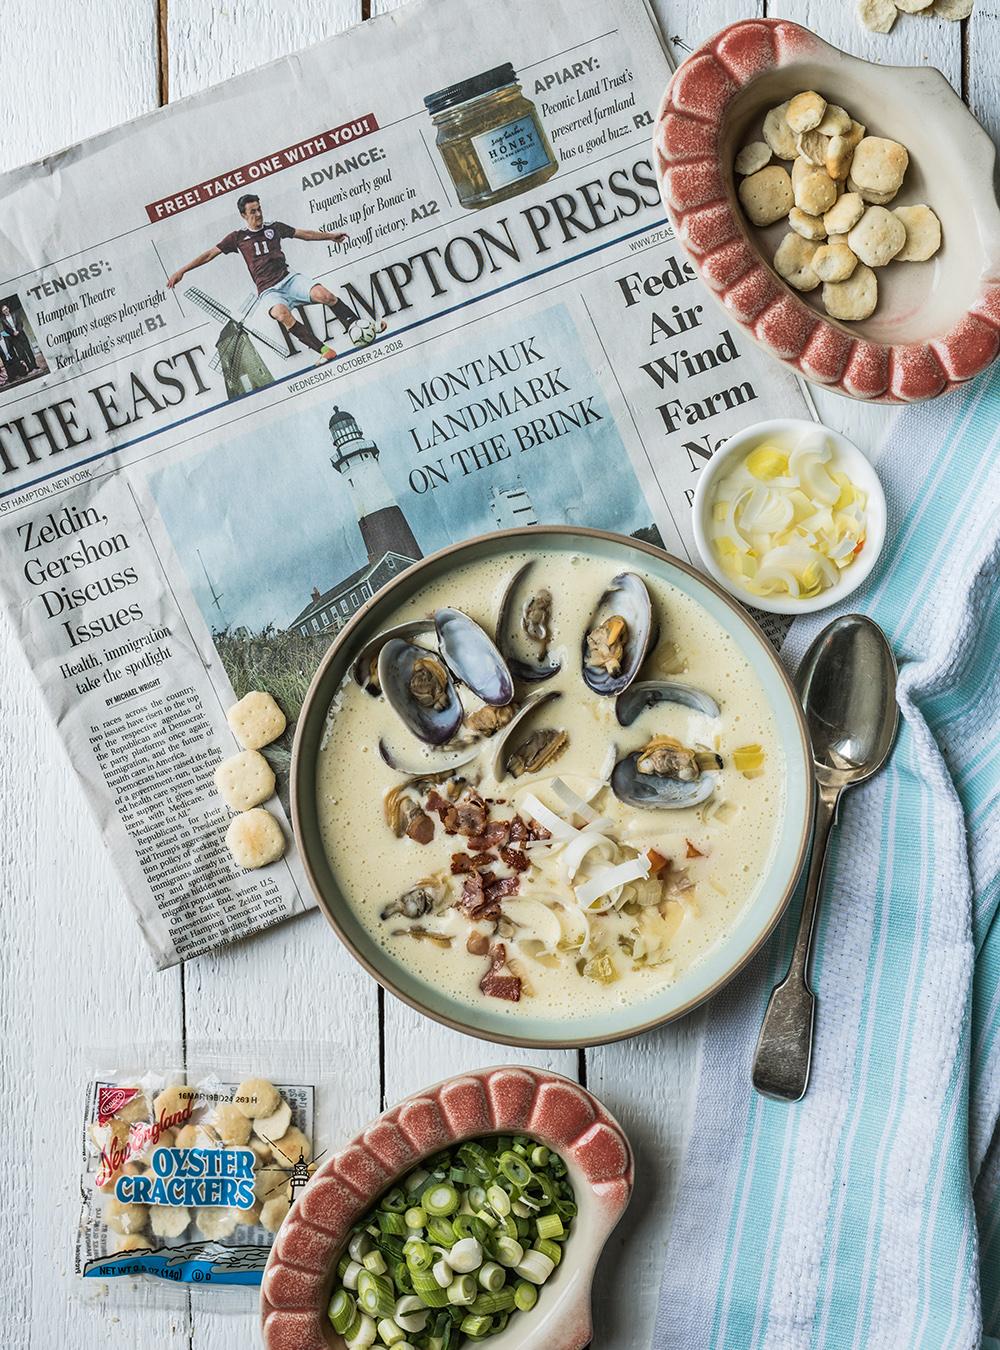 New England Clam Chowder - Fantastische Muschel Kartoffelsuppe mit Lauch und Bacon - Rezept für den sämigen Muschel Suppen Klassiker aus dem Usten der USA